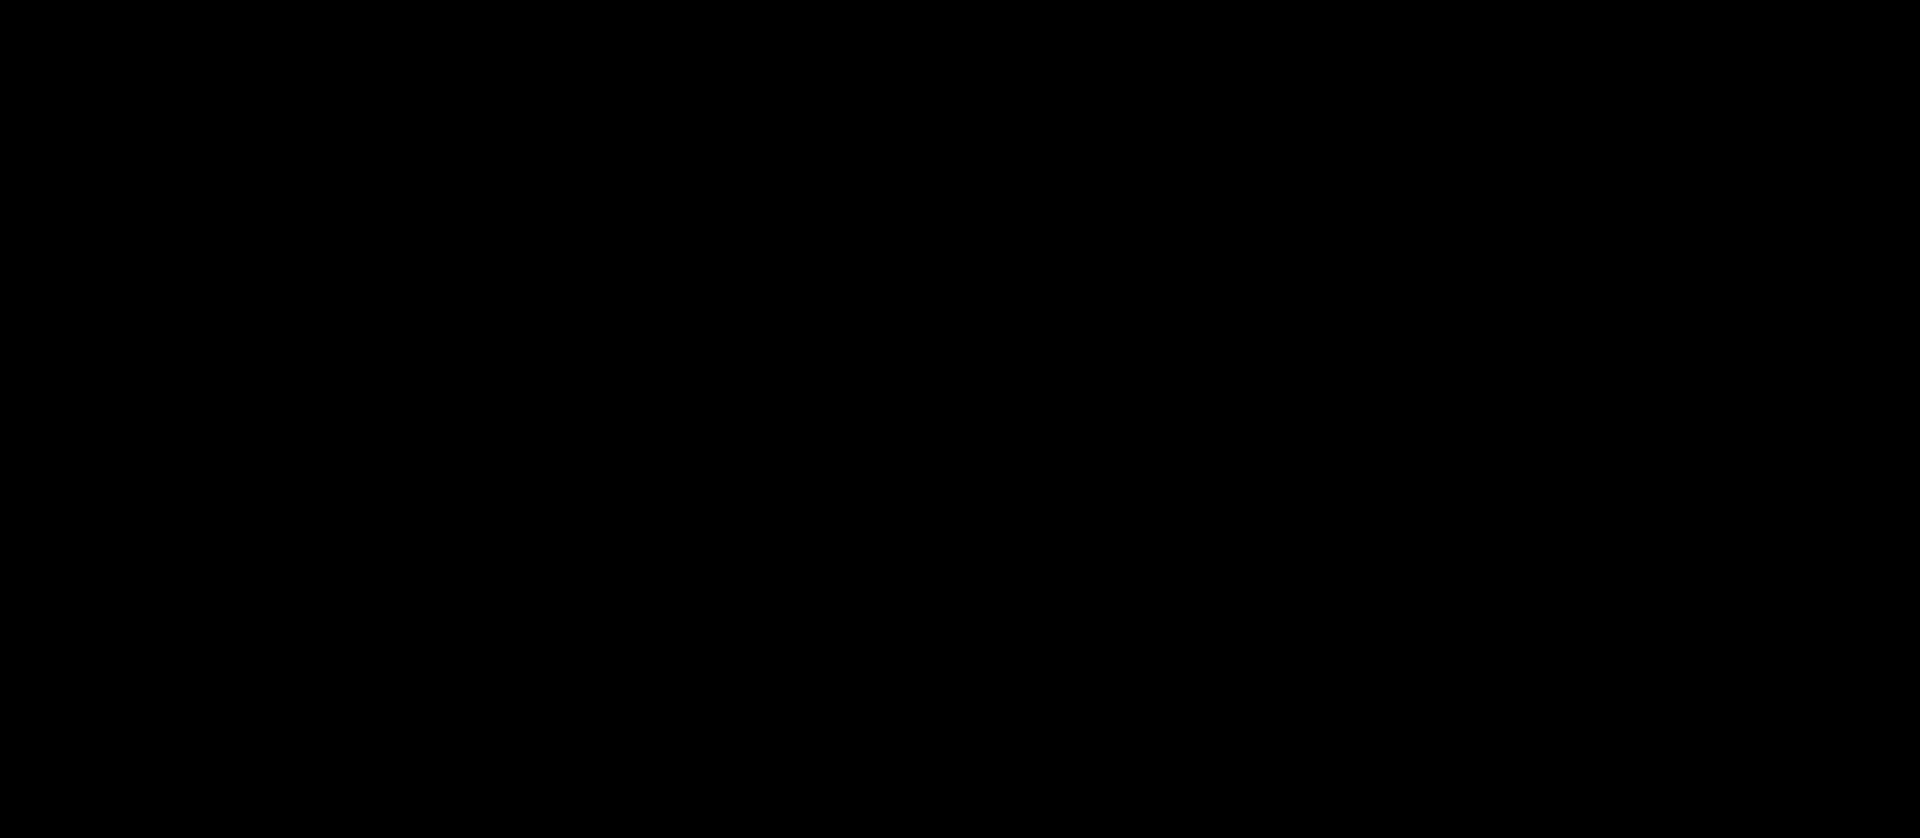 knightwalk-2020-logo